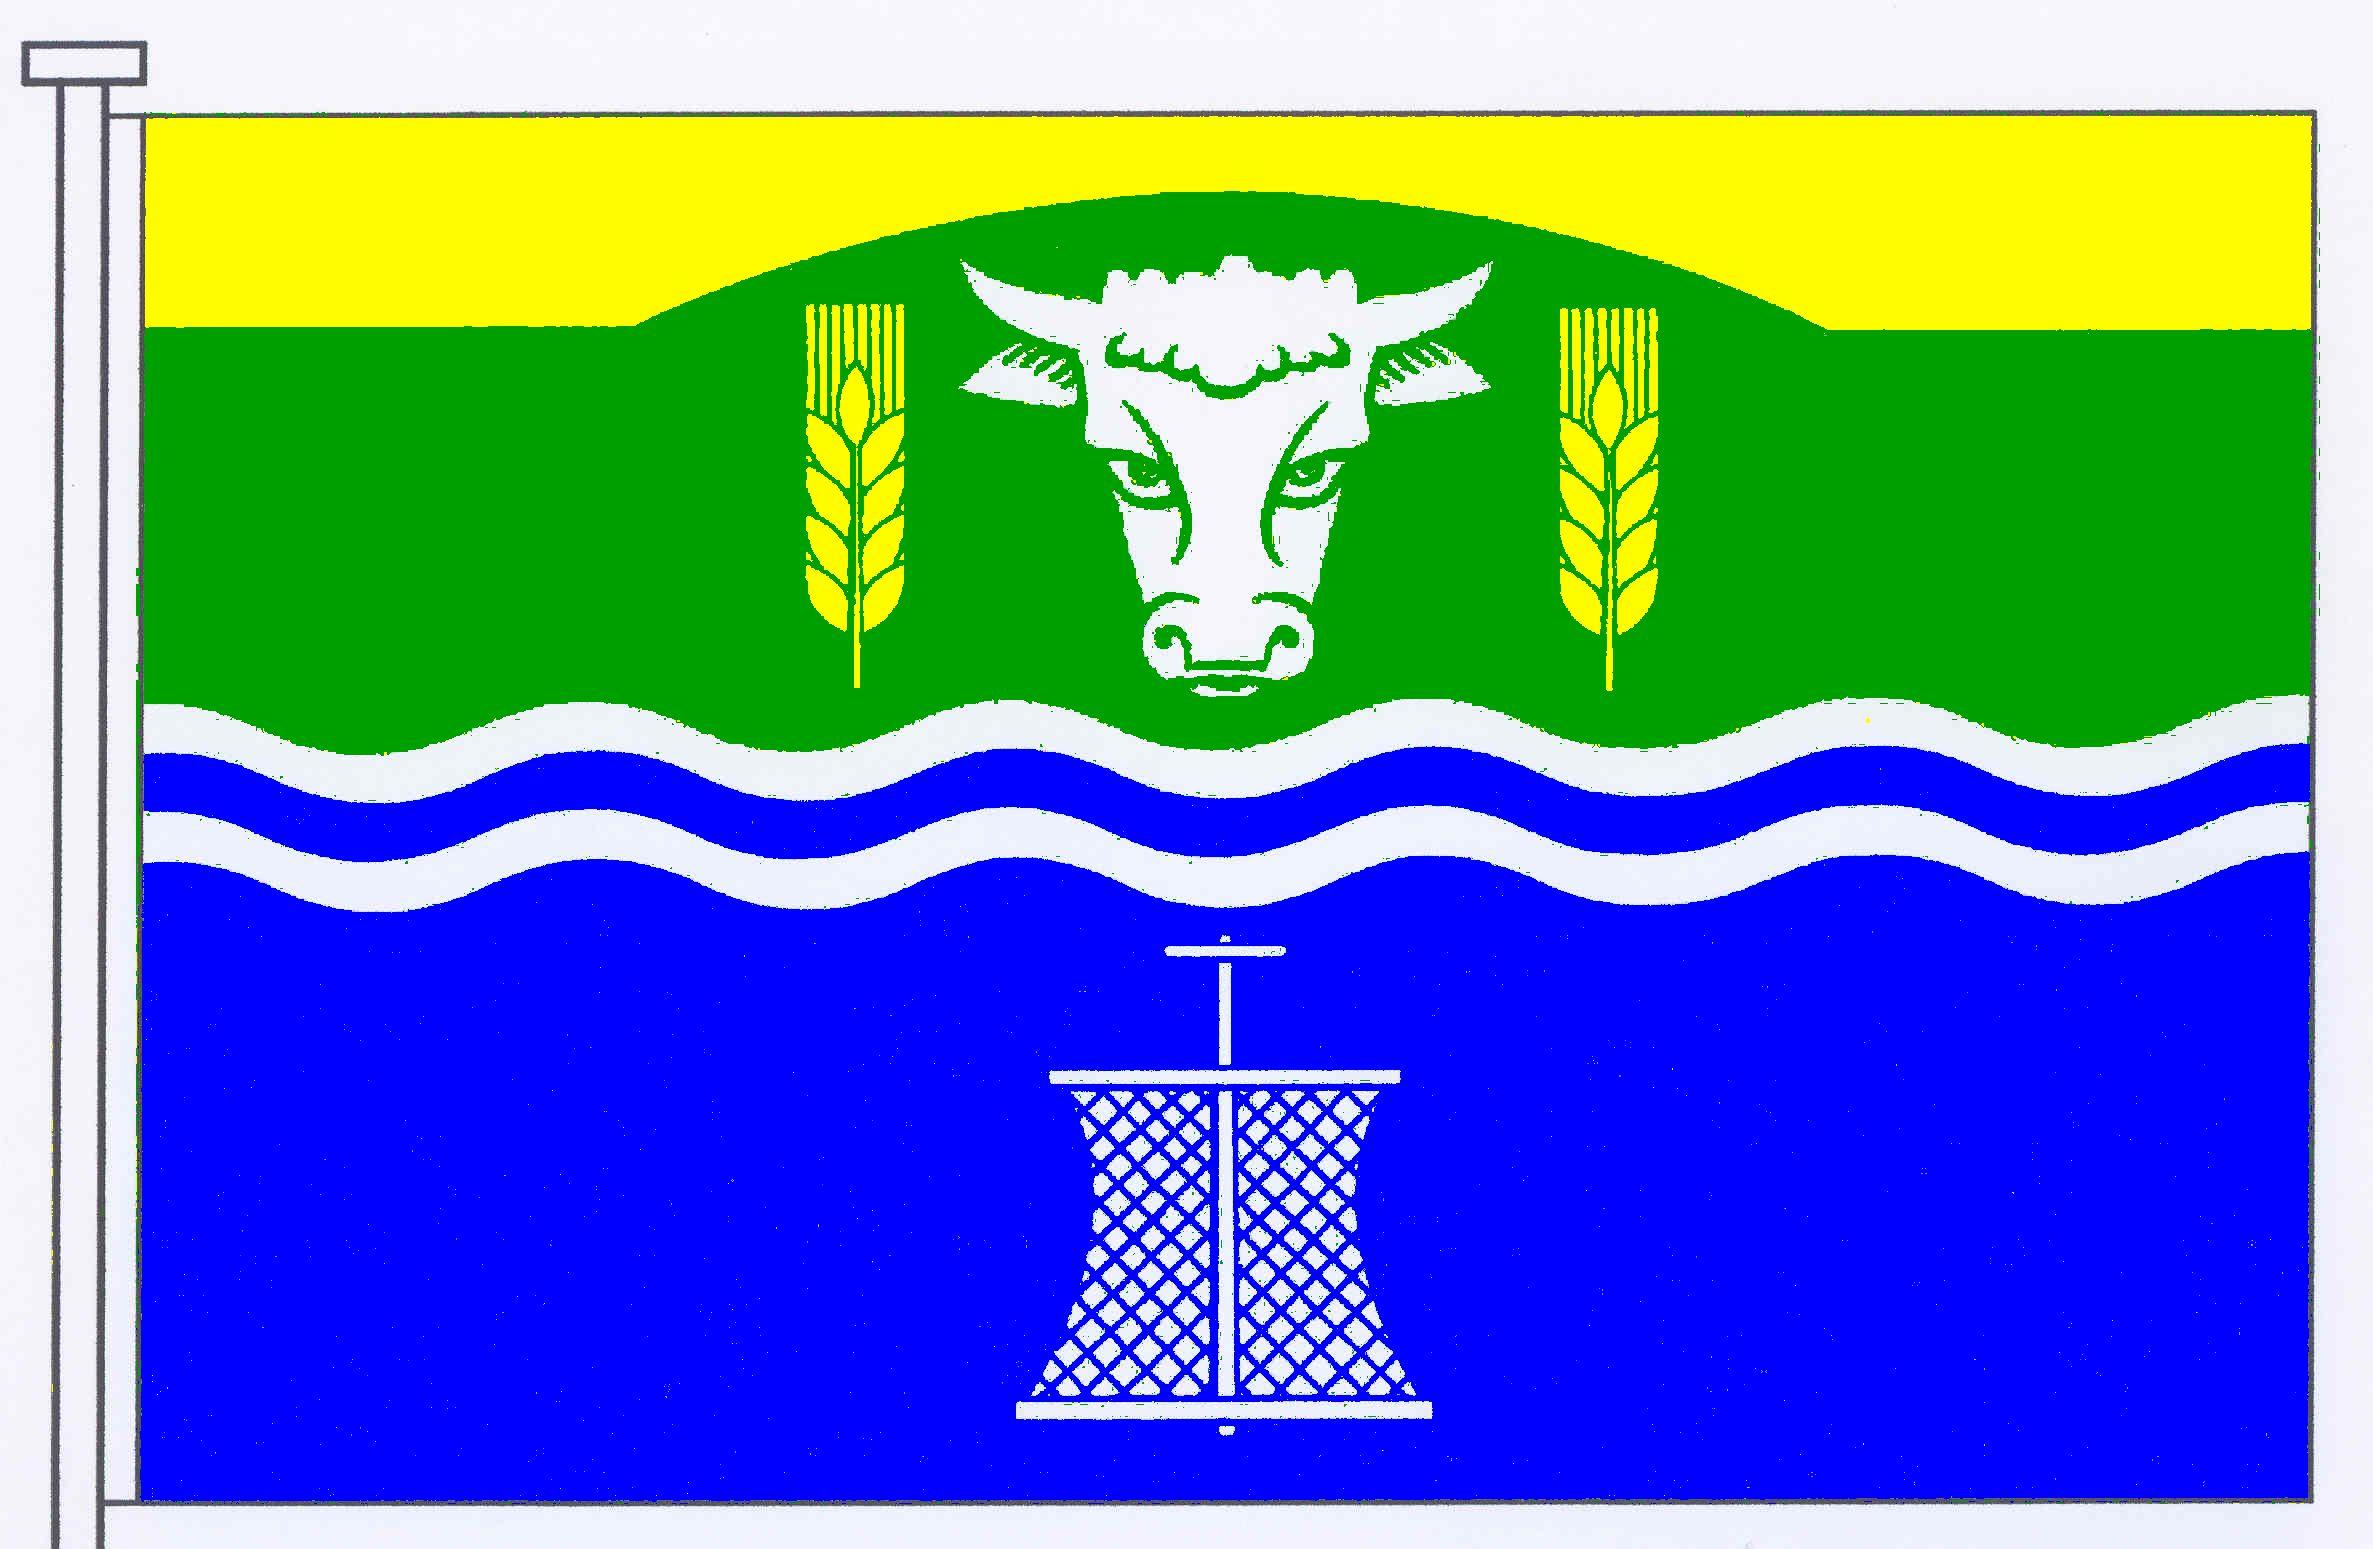 Flagge GemeindeUelvesbüll, Kreis Nordfriesland